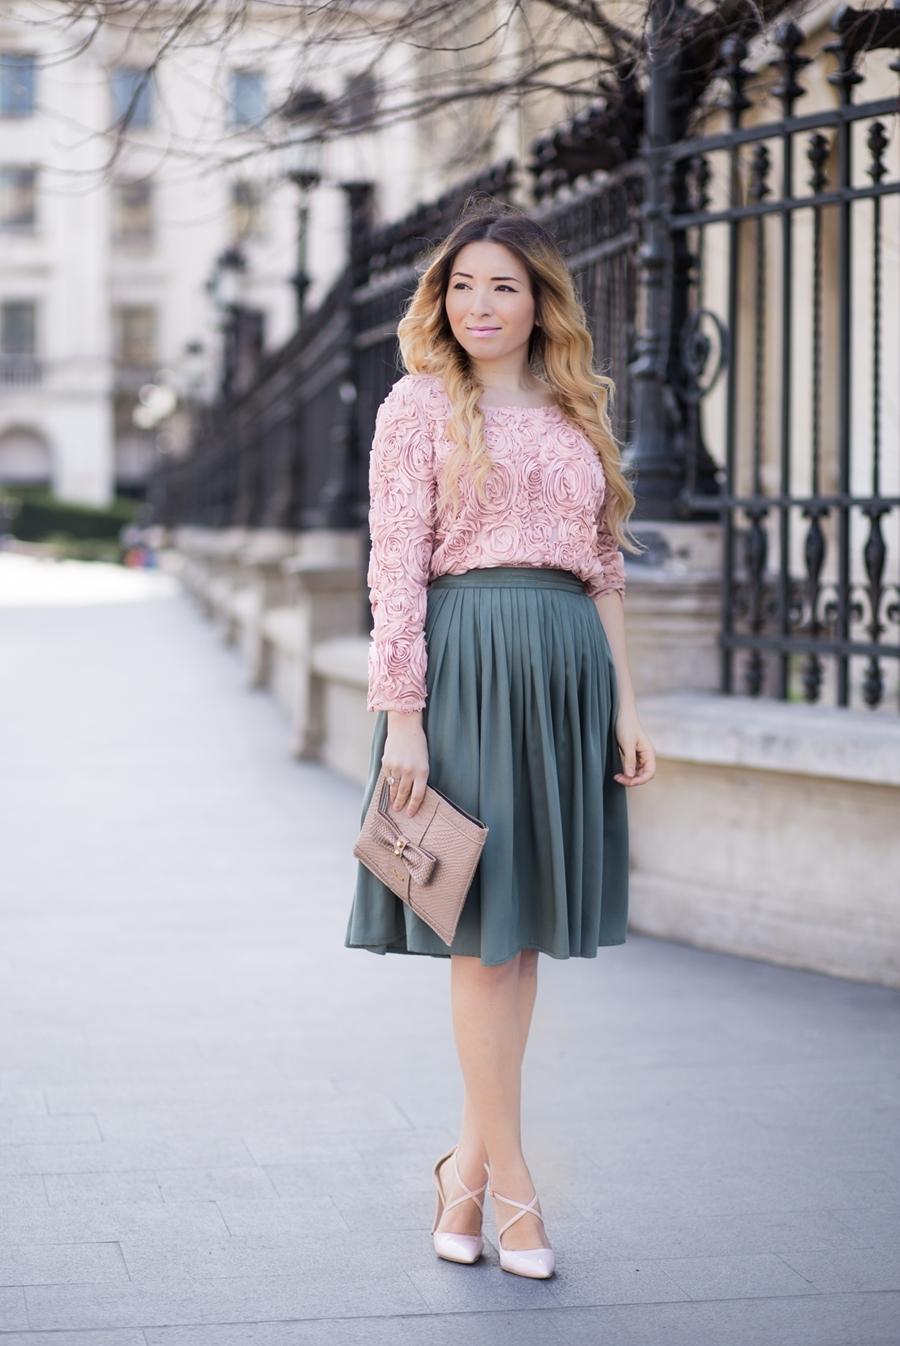 Tinuta de primavara, tendinte in moda, pasteluri si vintage - Bucuresti, blogger de moda Andreea Ristea